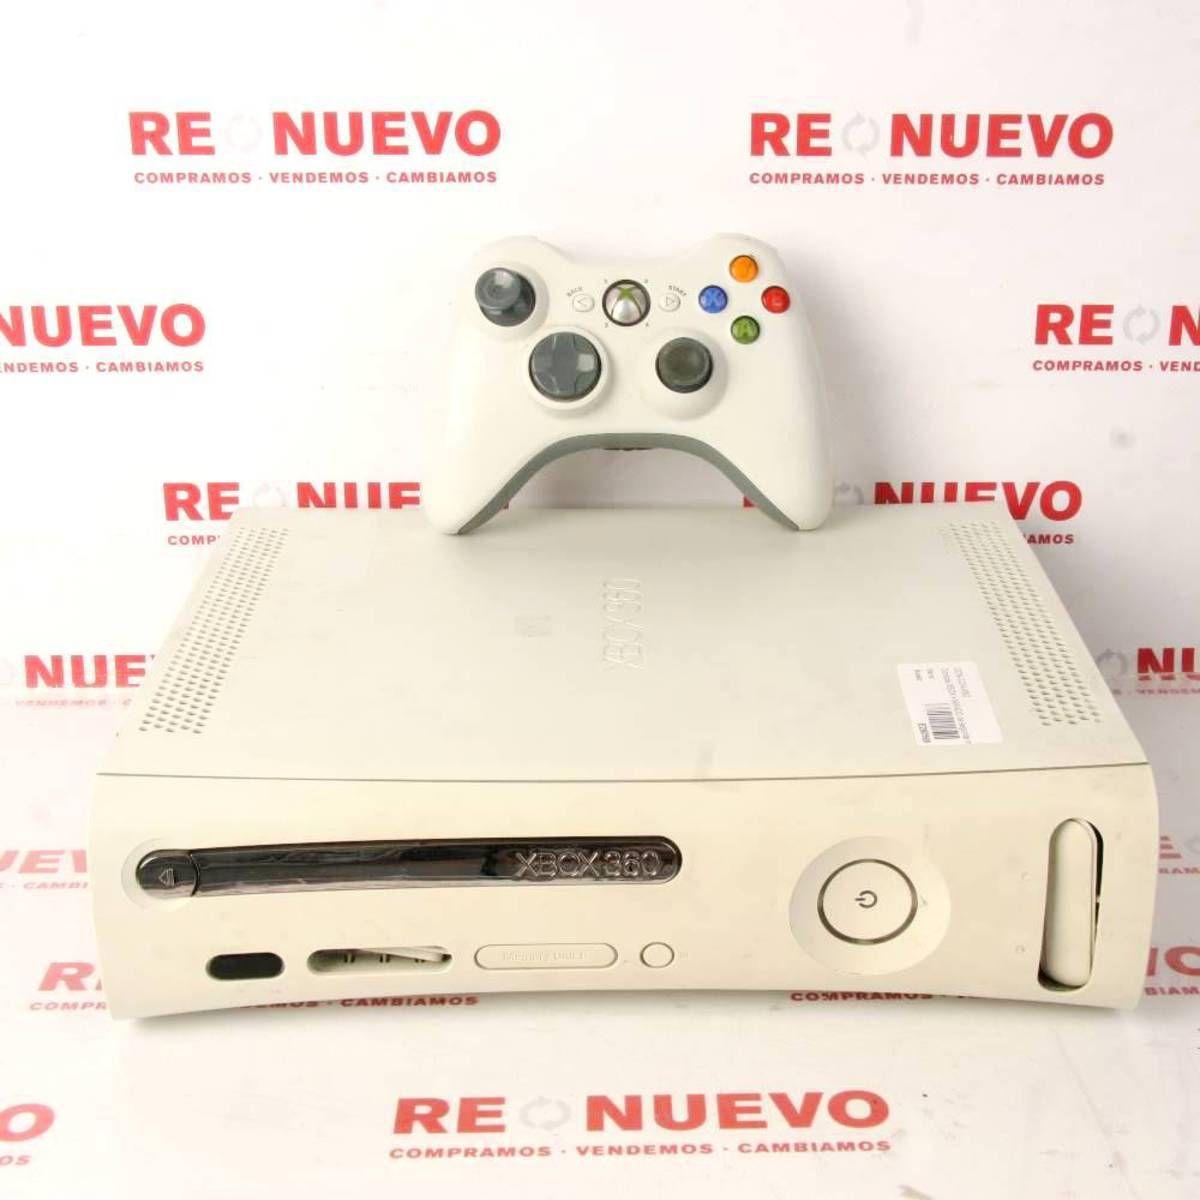 Consola XBOX + MANDO de segunda mano E280568 | Tienda online de segunda mano en Barcelona Re-Nuevo